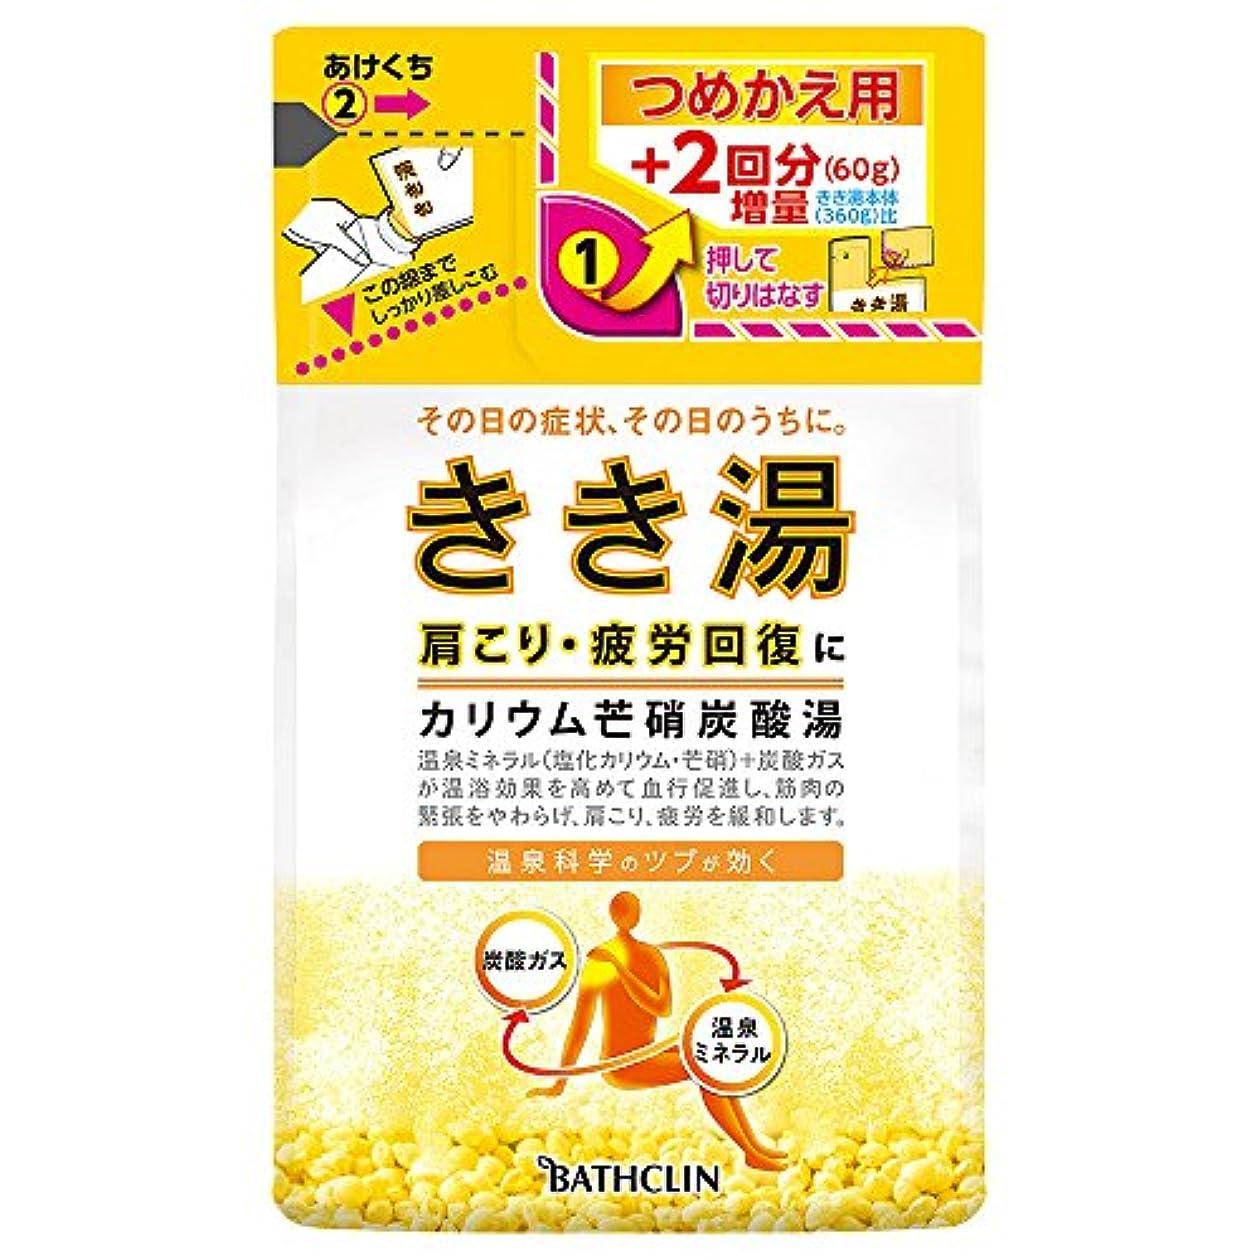 王室独占飲食店きき湯 カリウム芒硝炭酸湯 つめかえ用 420g 入浴剤 (医薬部外品)